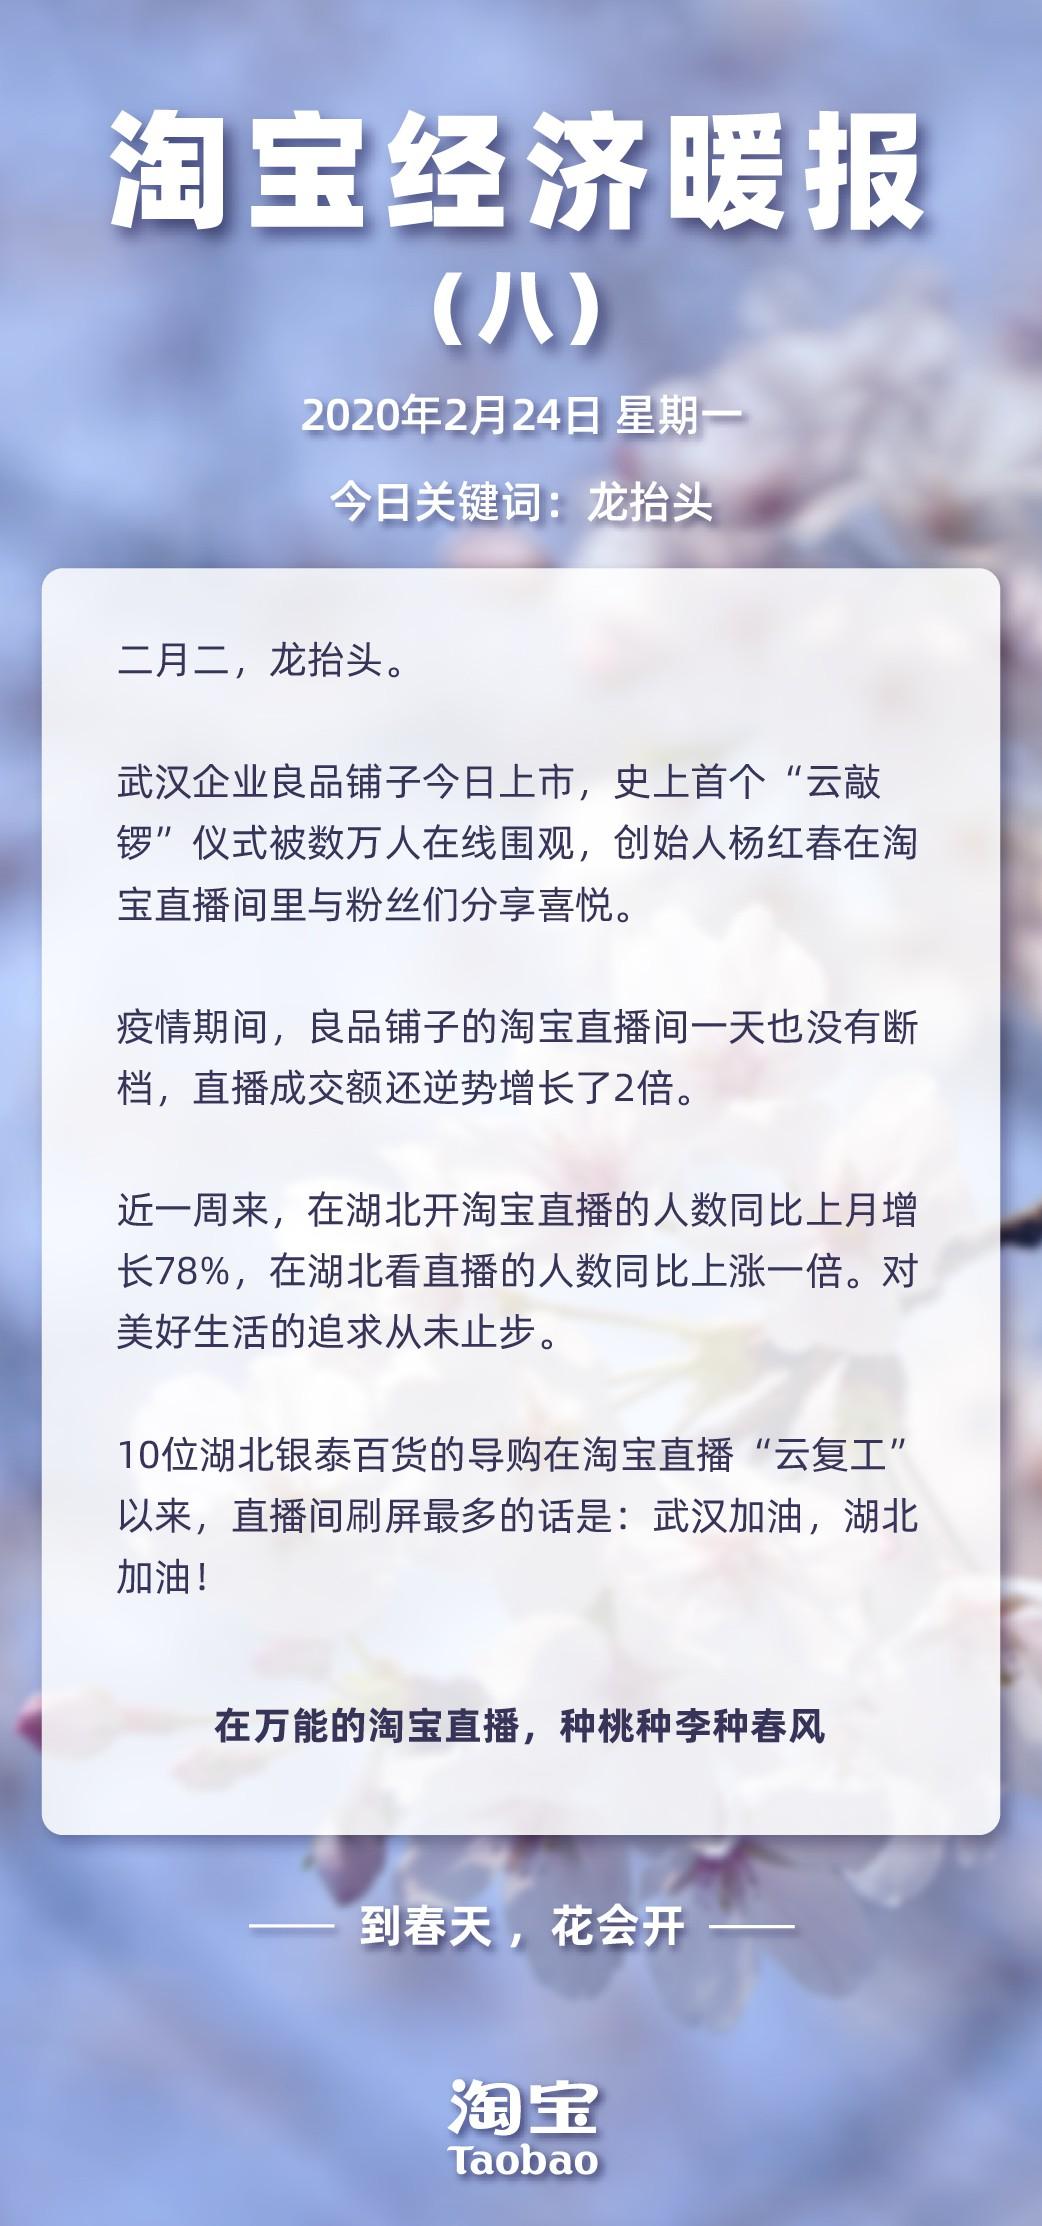 """《淘宝经济暖报》:良品铺子在淘宝上直播间""""云敲锣""""上市"""